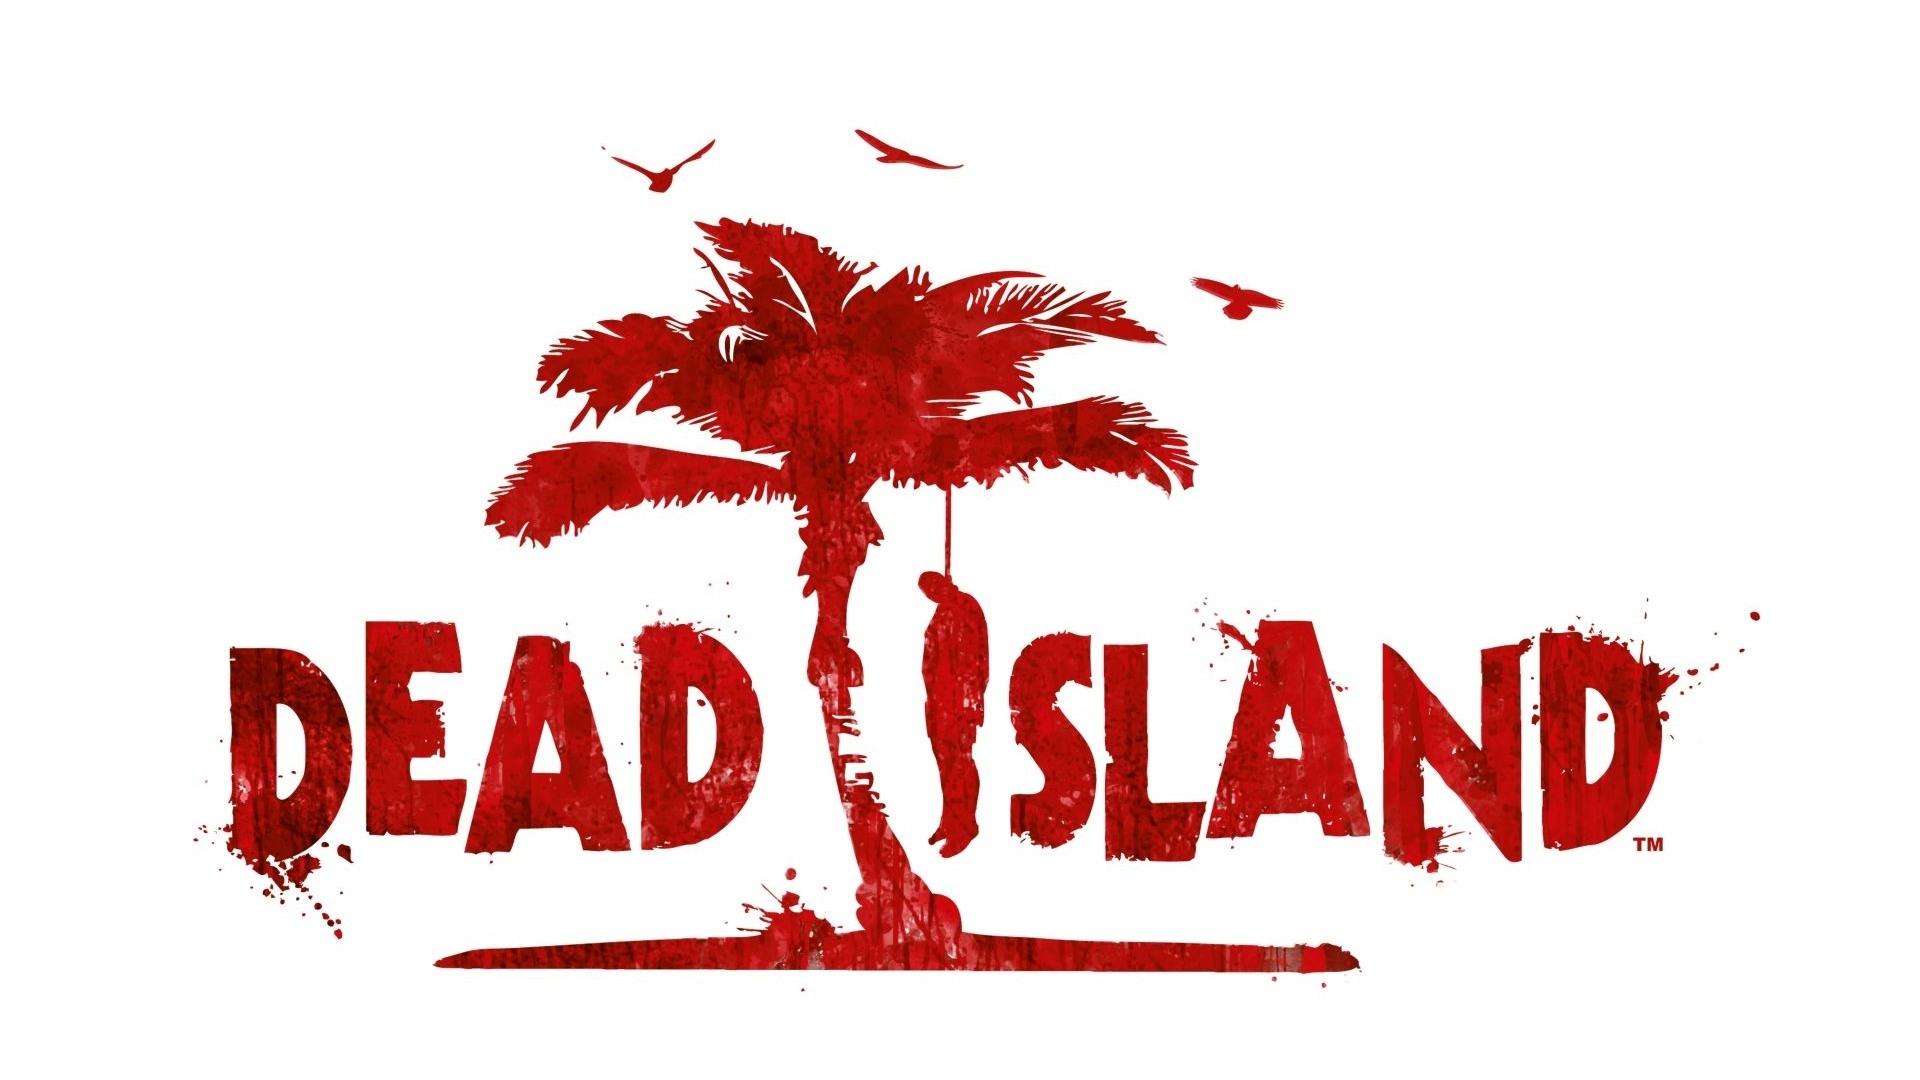 Dead Island wallpaper 2